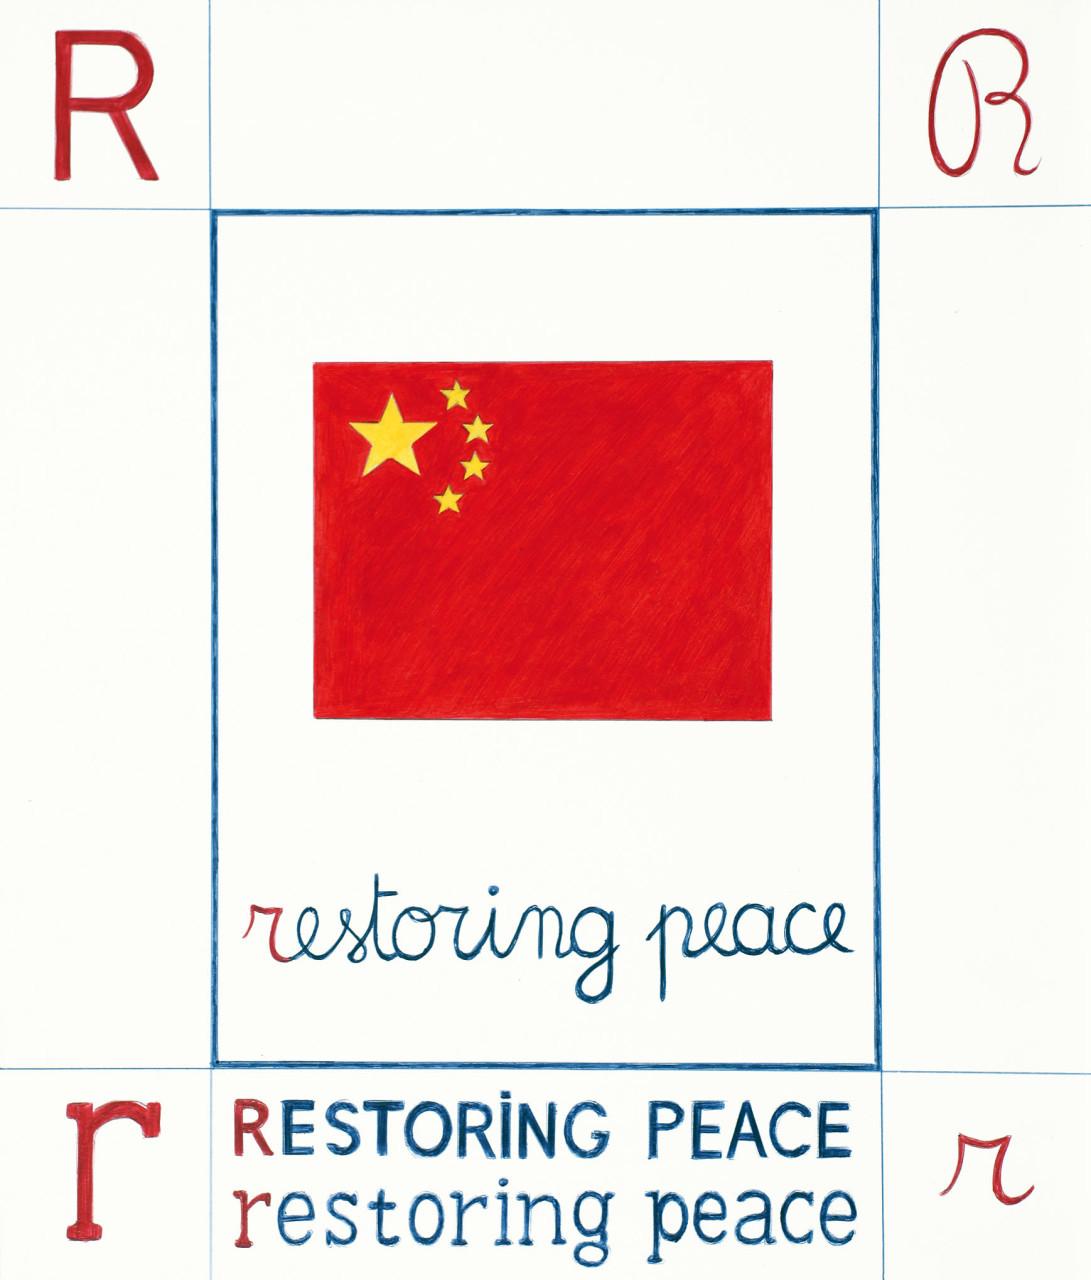 18R-restoring peace_bassa